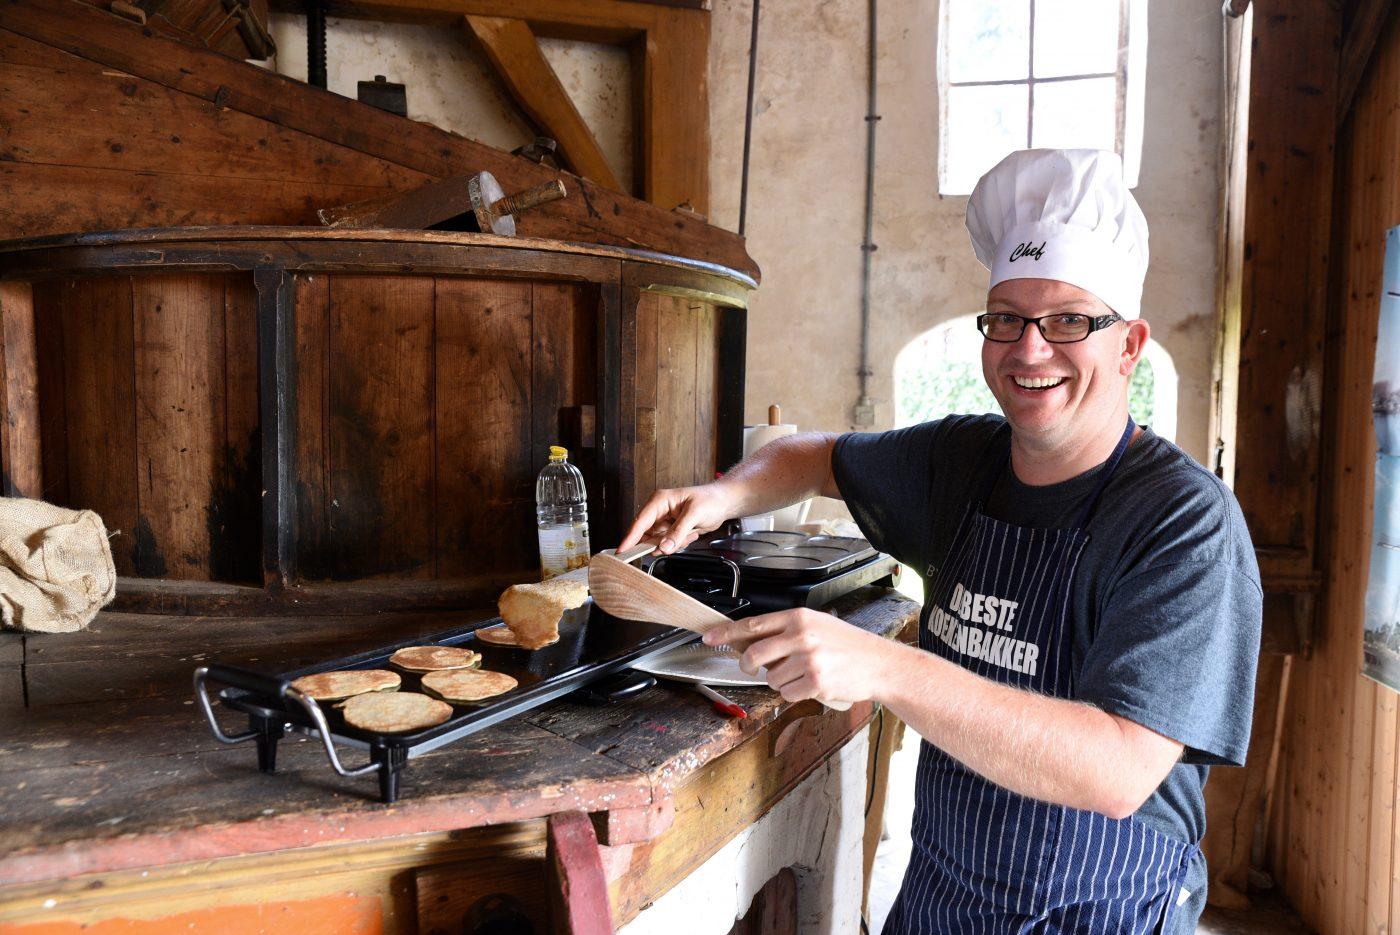 Drentse molendag 2017 koekenbakker